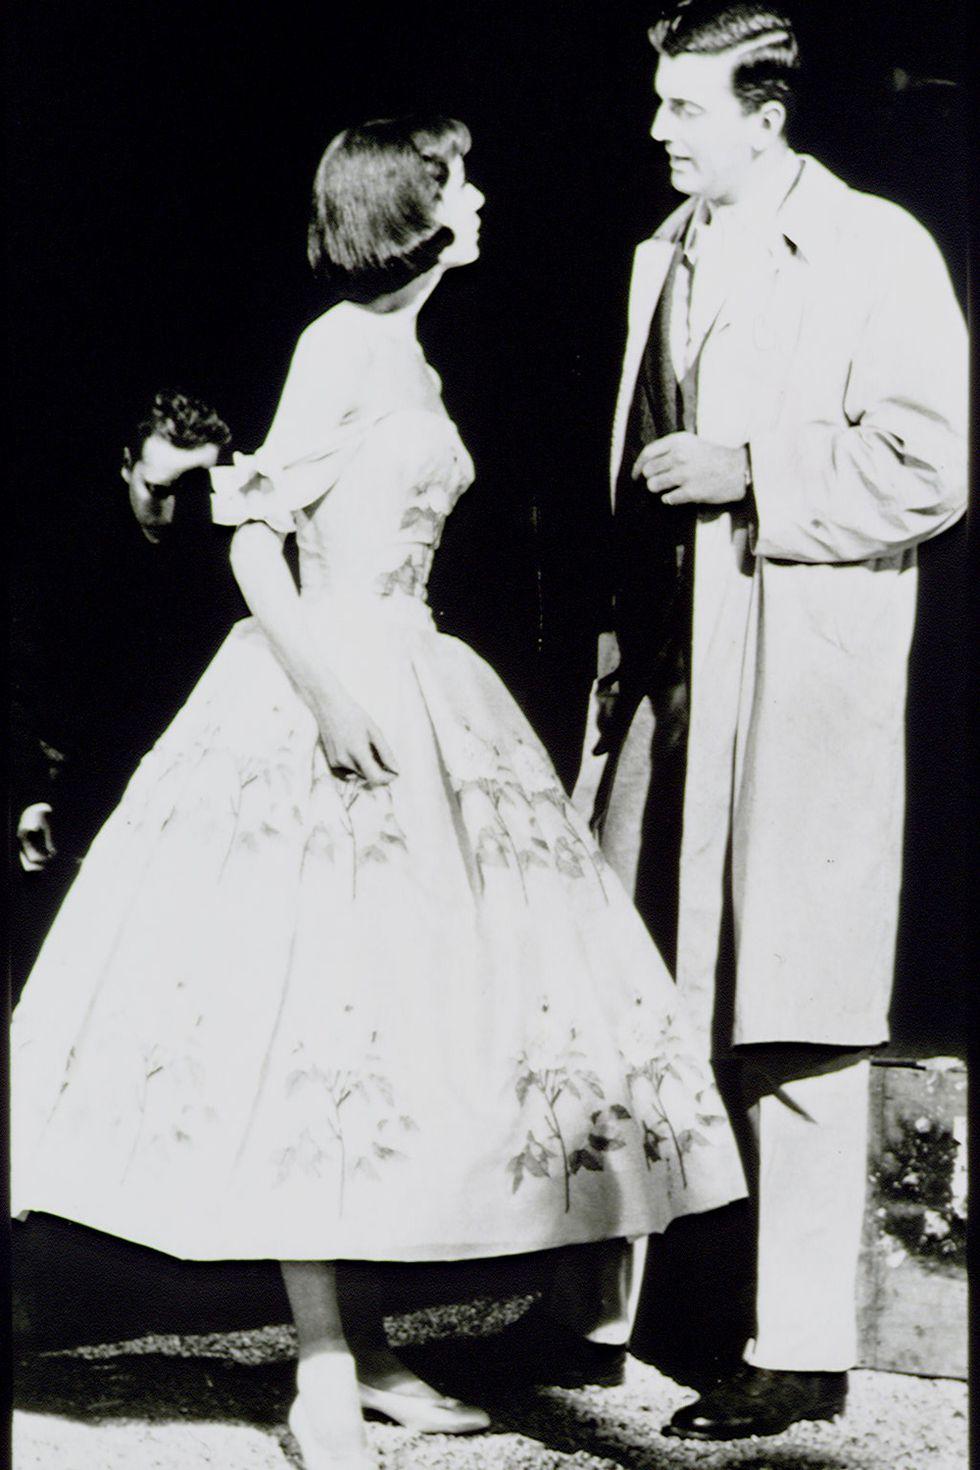 في الخمسينات خلال ارتداء هيبورن واحد من تصميمات Givenchy